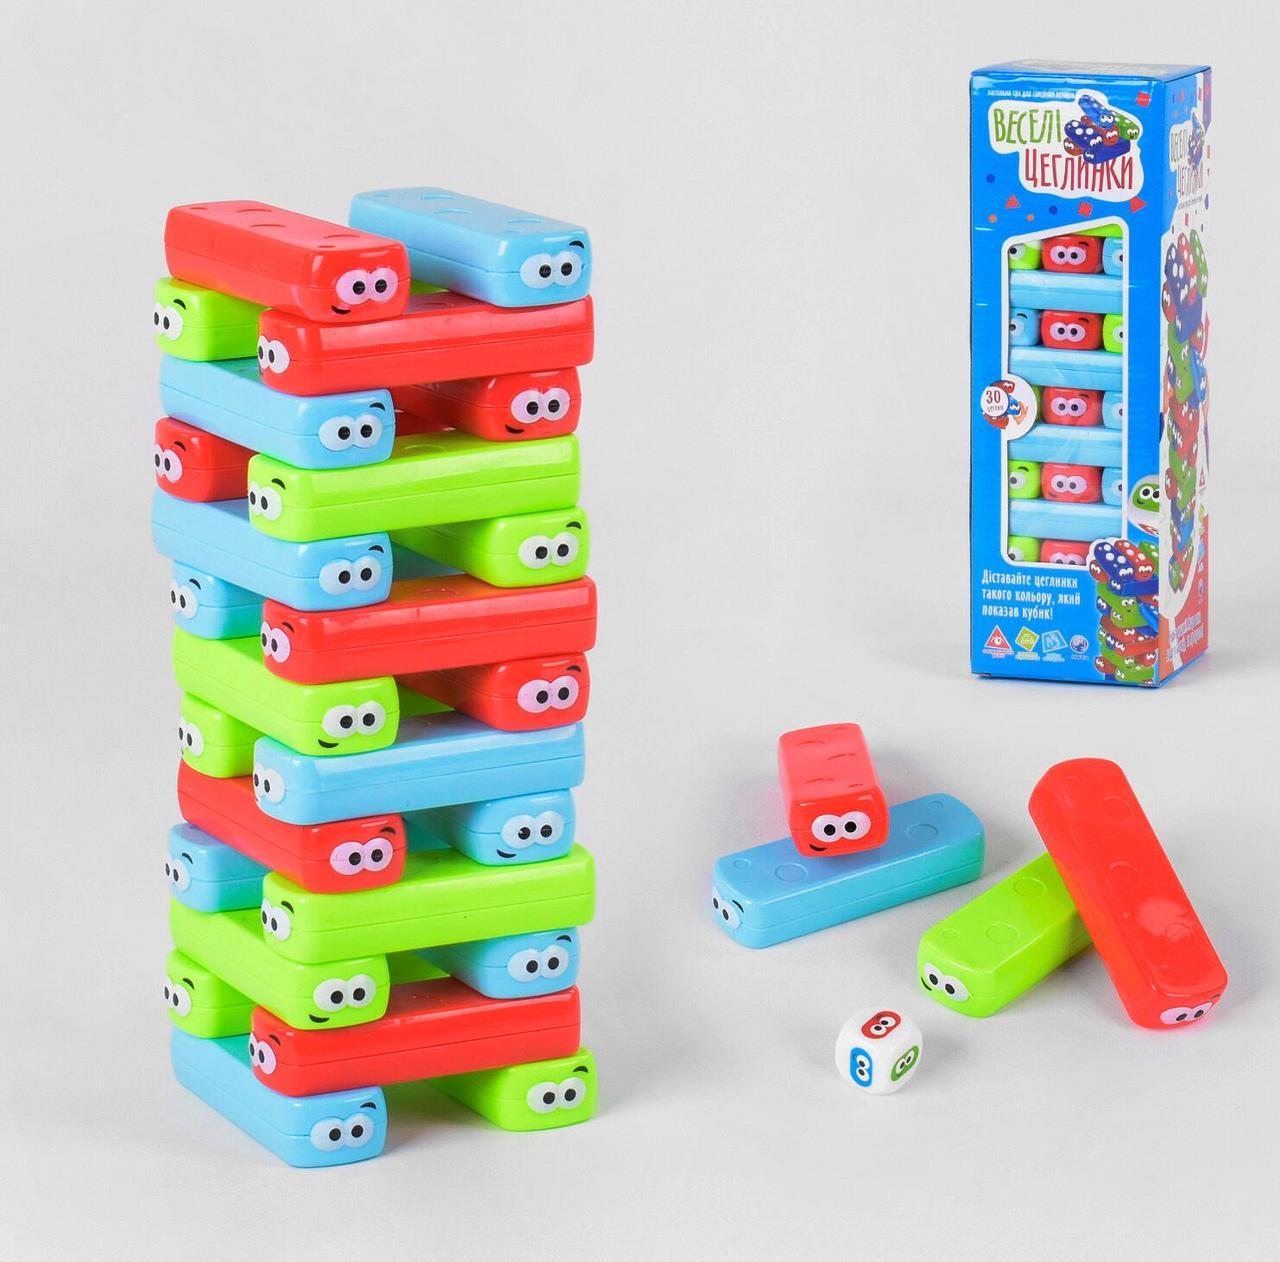 """Настольная игра Fun Game """"Веселі Цеглинки"""" 30 деталей, на украинском языке, в коробке UKB-B 0038"""